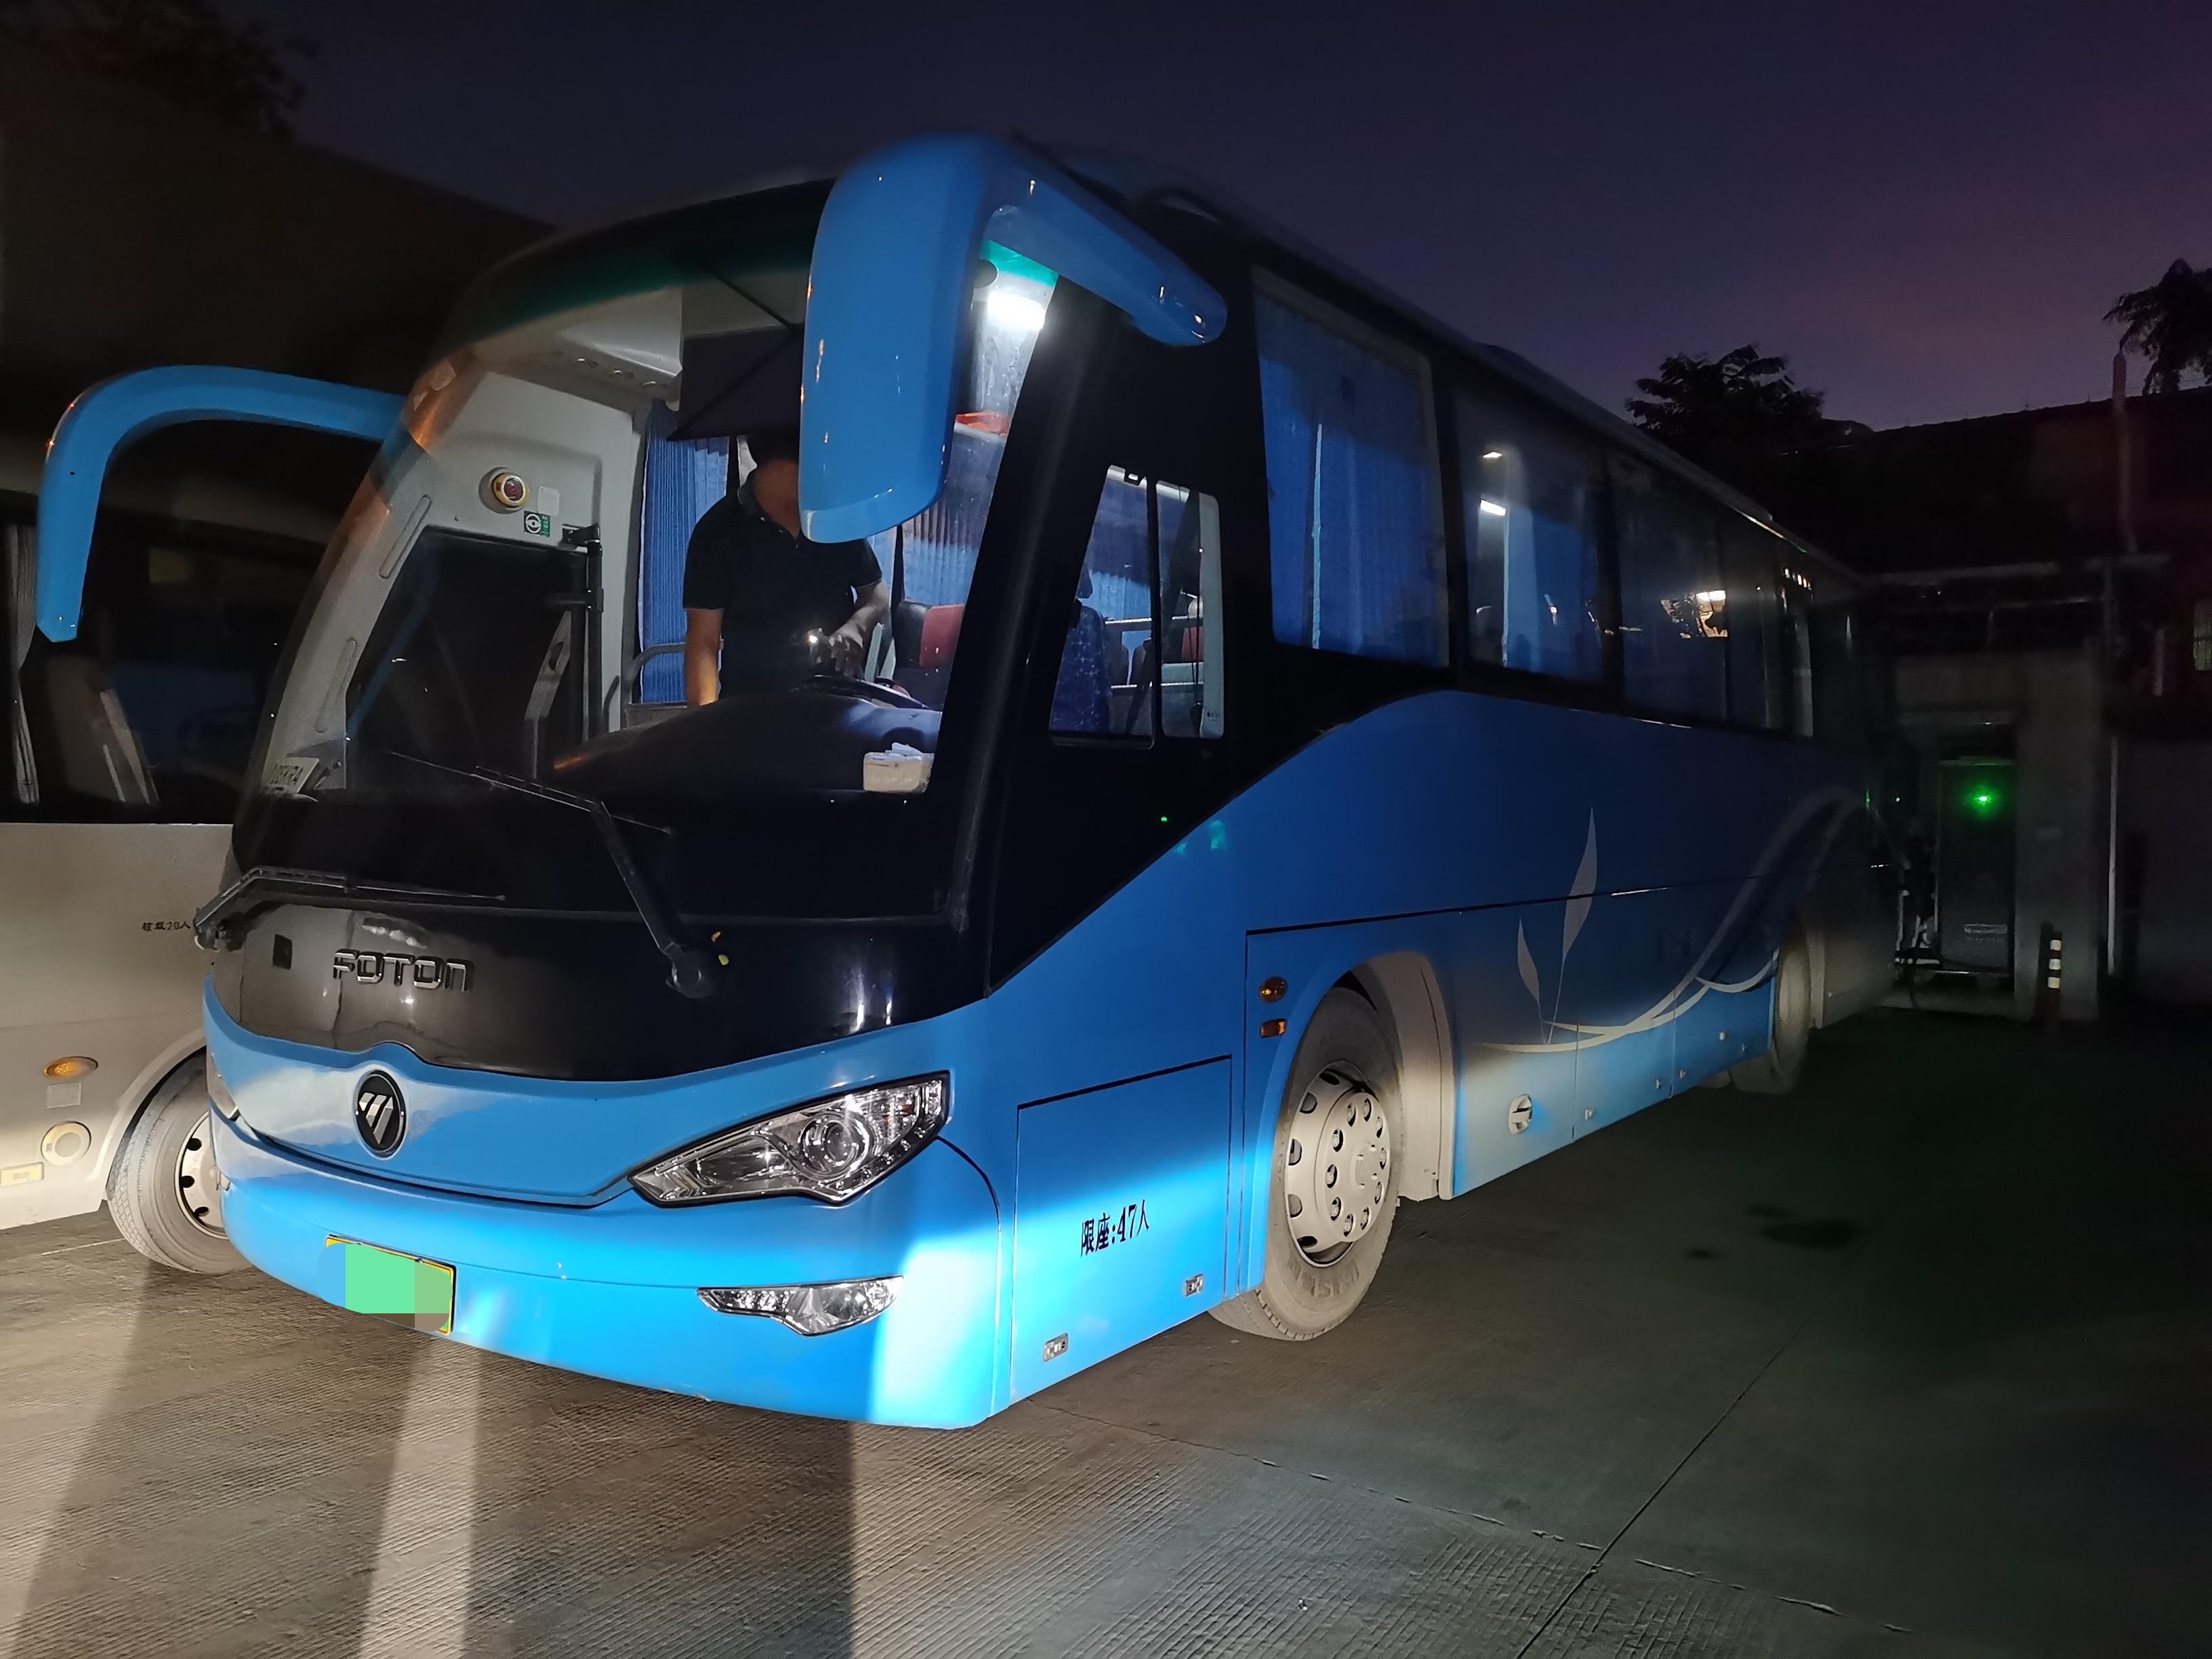 2015年12月两台同款47座气囊有安全门福田6116客车